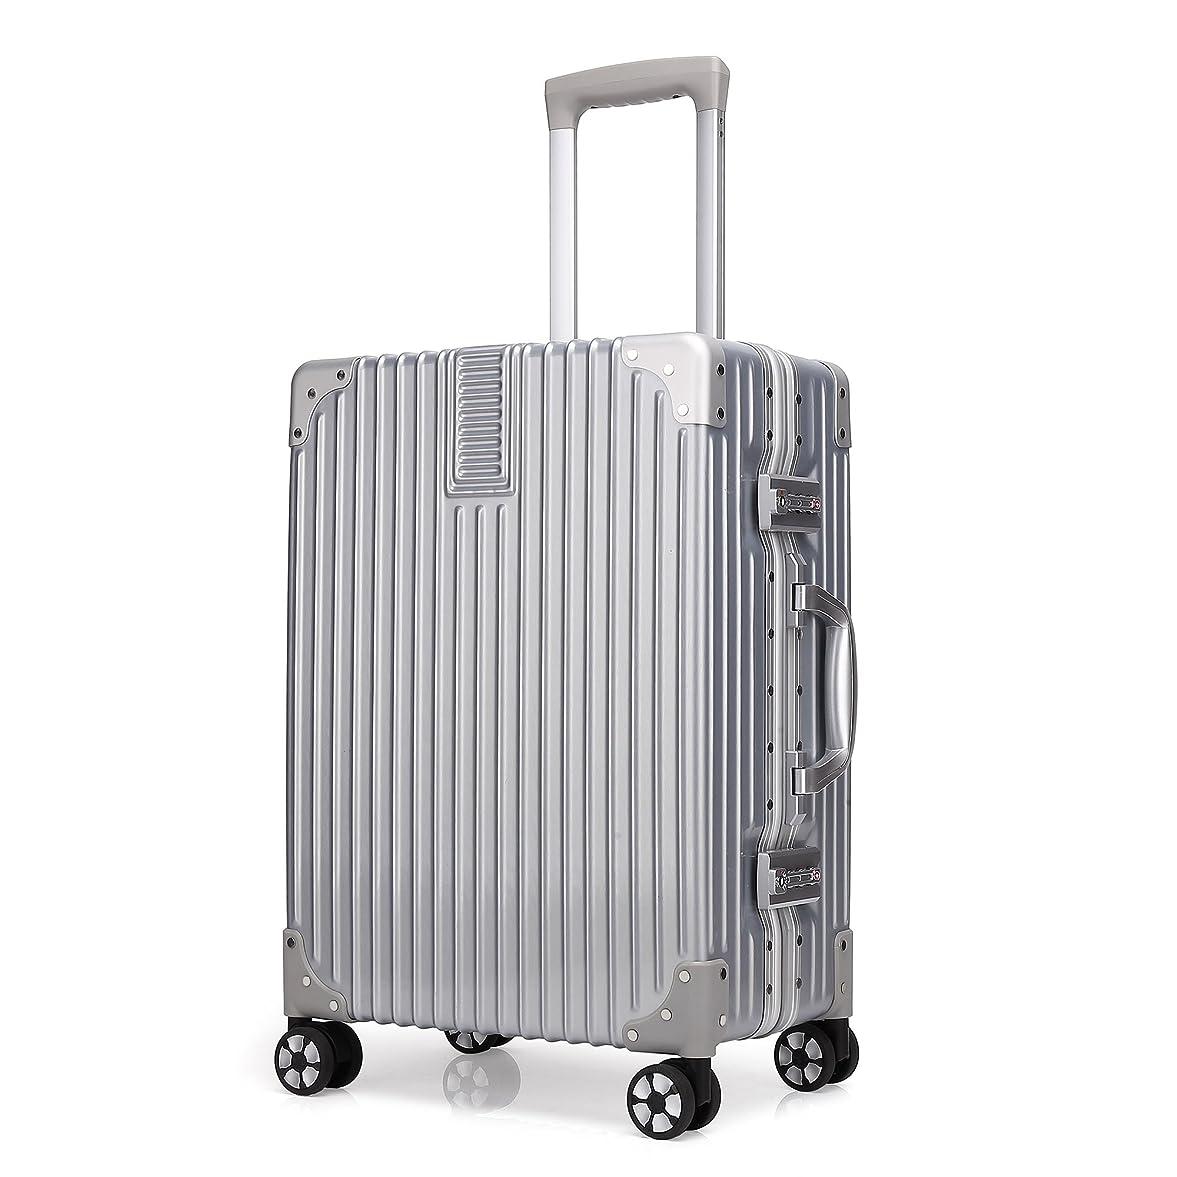 驚かす増強する乏しいクロース(Kroeus)スーツケース 大型 軽量 人気 キャリーケース 旅行用品 出張 TSAロック搭載 機内持込可 大容量 耐衝撃 ヘアライン仕上げ 4輪ダブルキャスター 静音